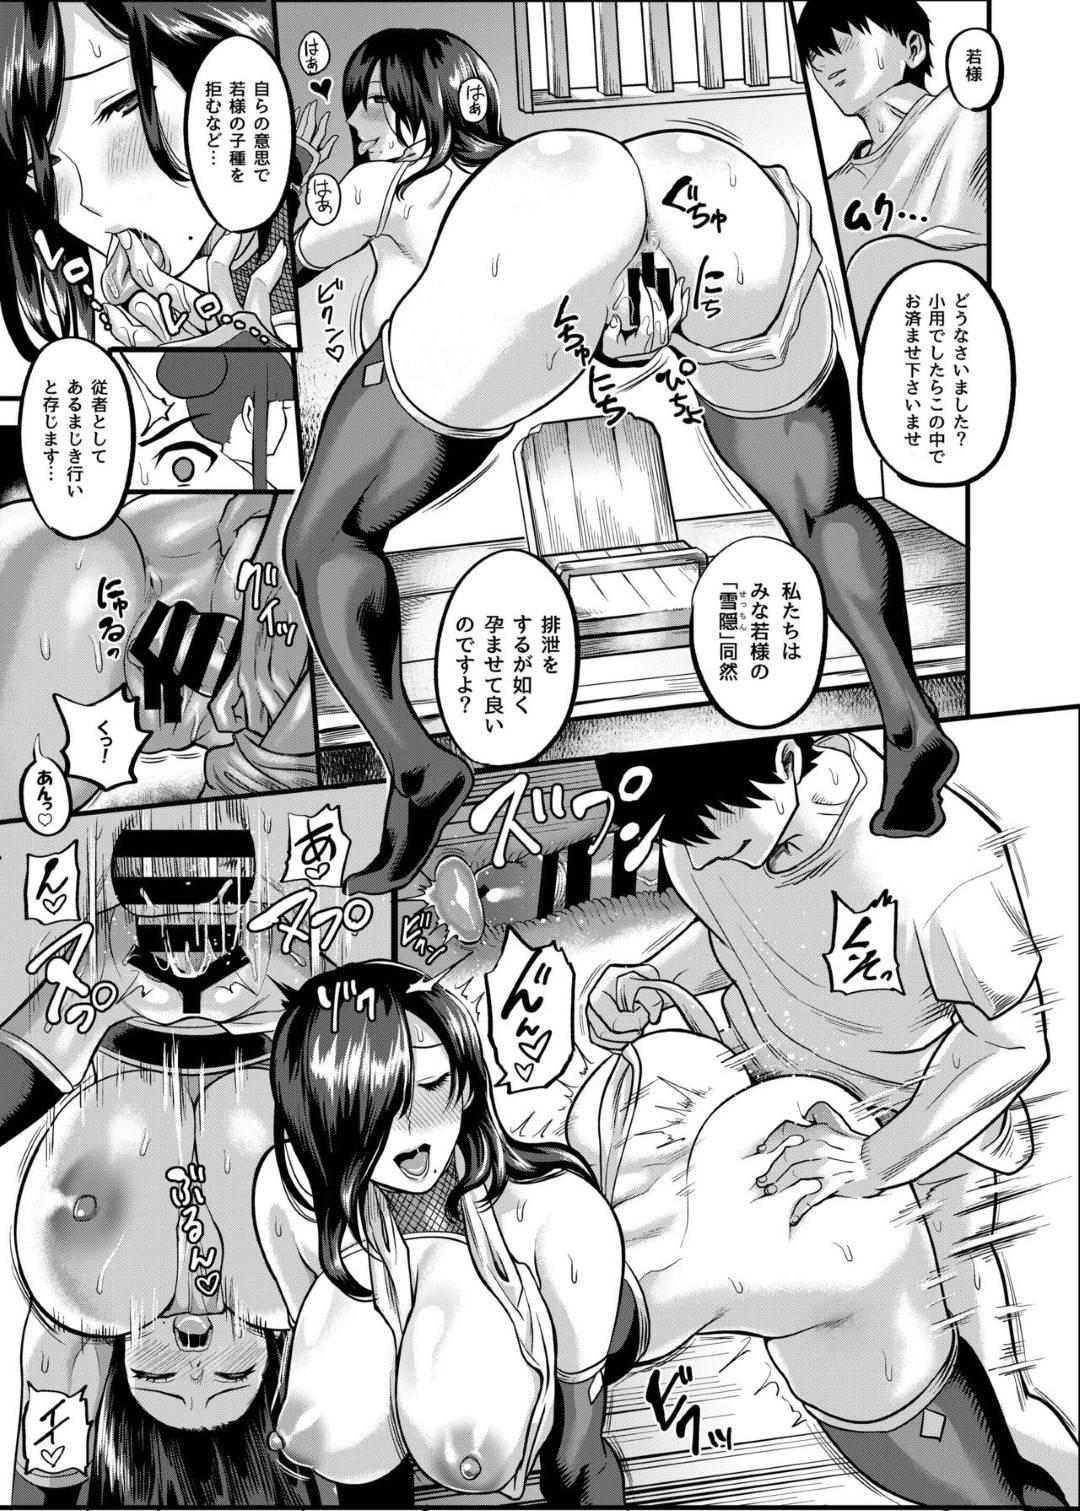 【エロ漫画】あまりにど変態すぎるビッチな忍者たち…逆レイプにフェラしたり乳首舐めされちゃって集団の中出しセックスでイチャラブしちゃう!【一煉托生:おいでよ!くのいちの里 完 〜試練!!子作り禁止令の巻〜】